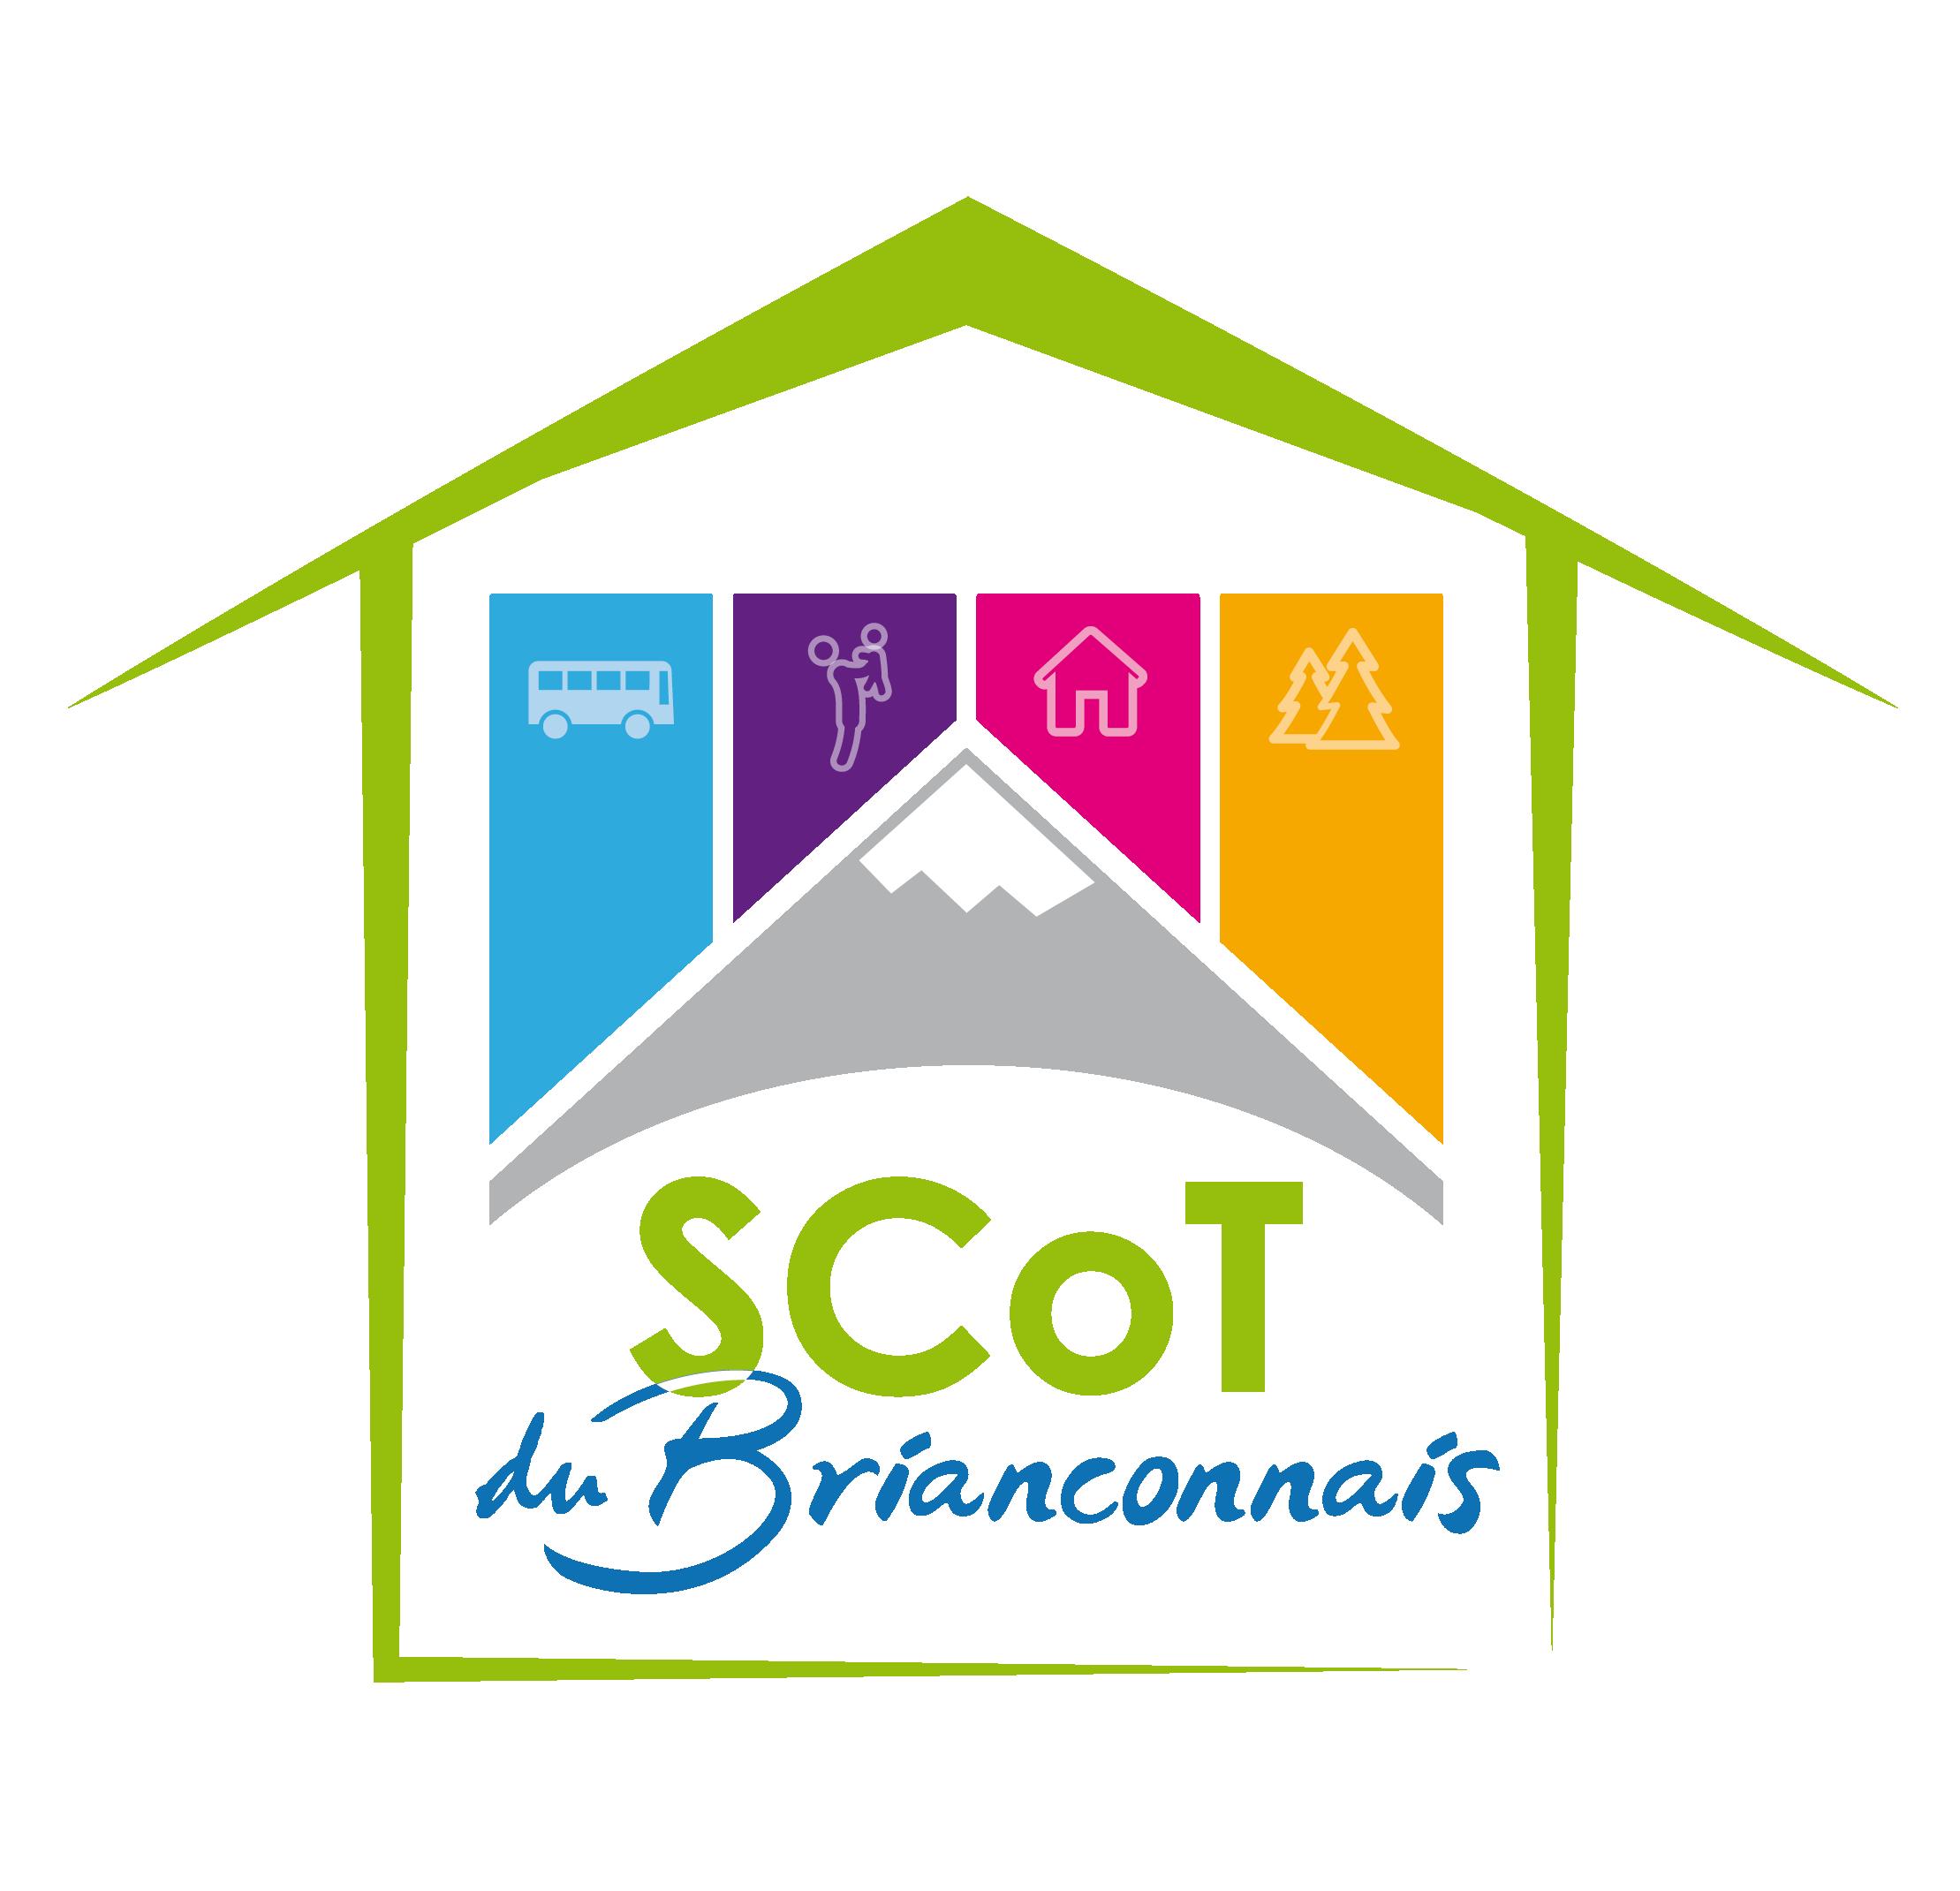 logo_scot_brian_onnais.png